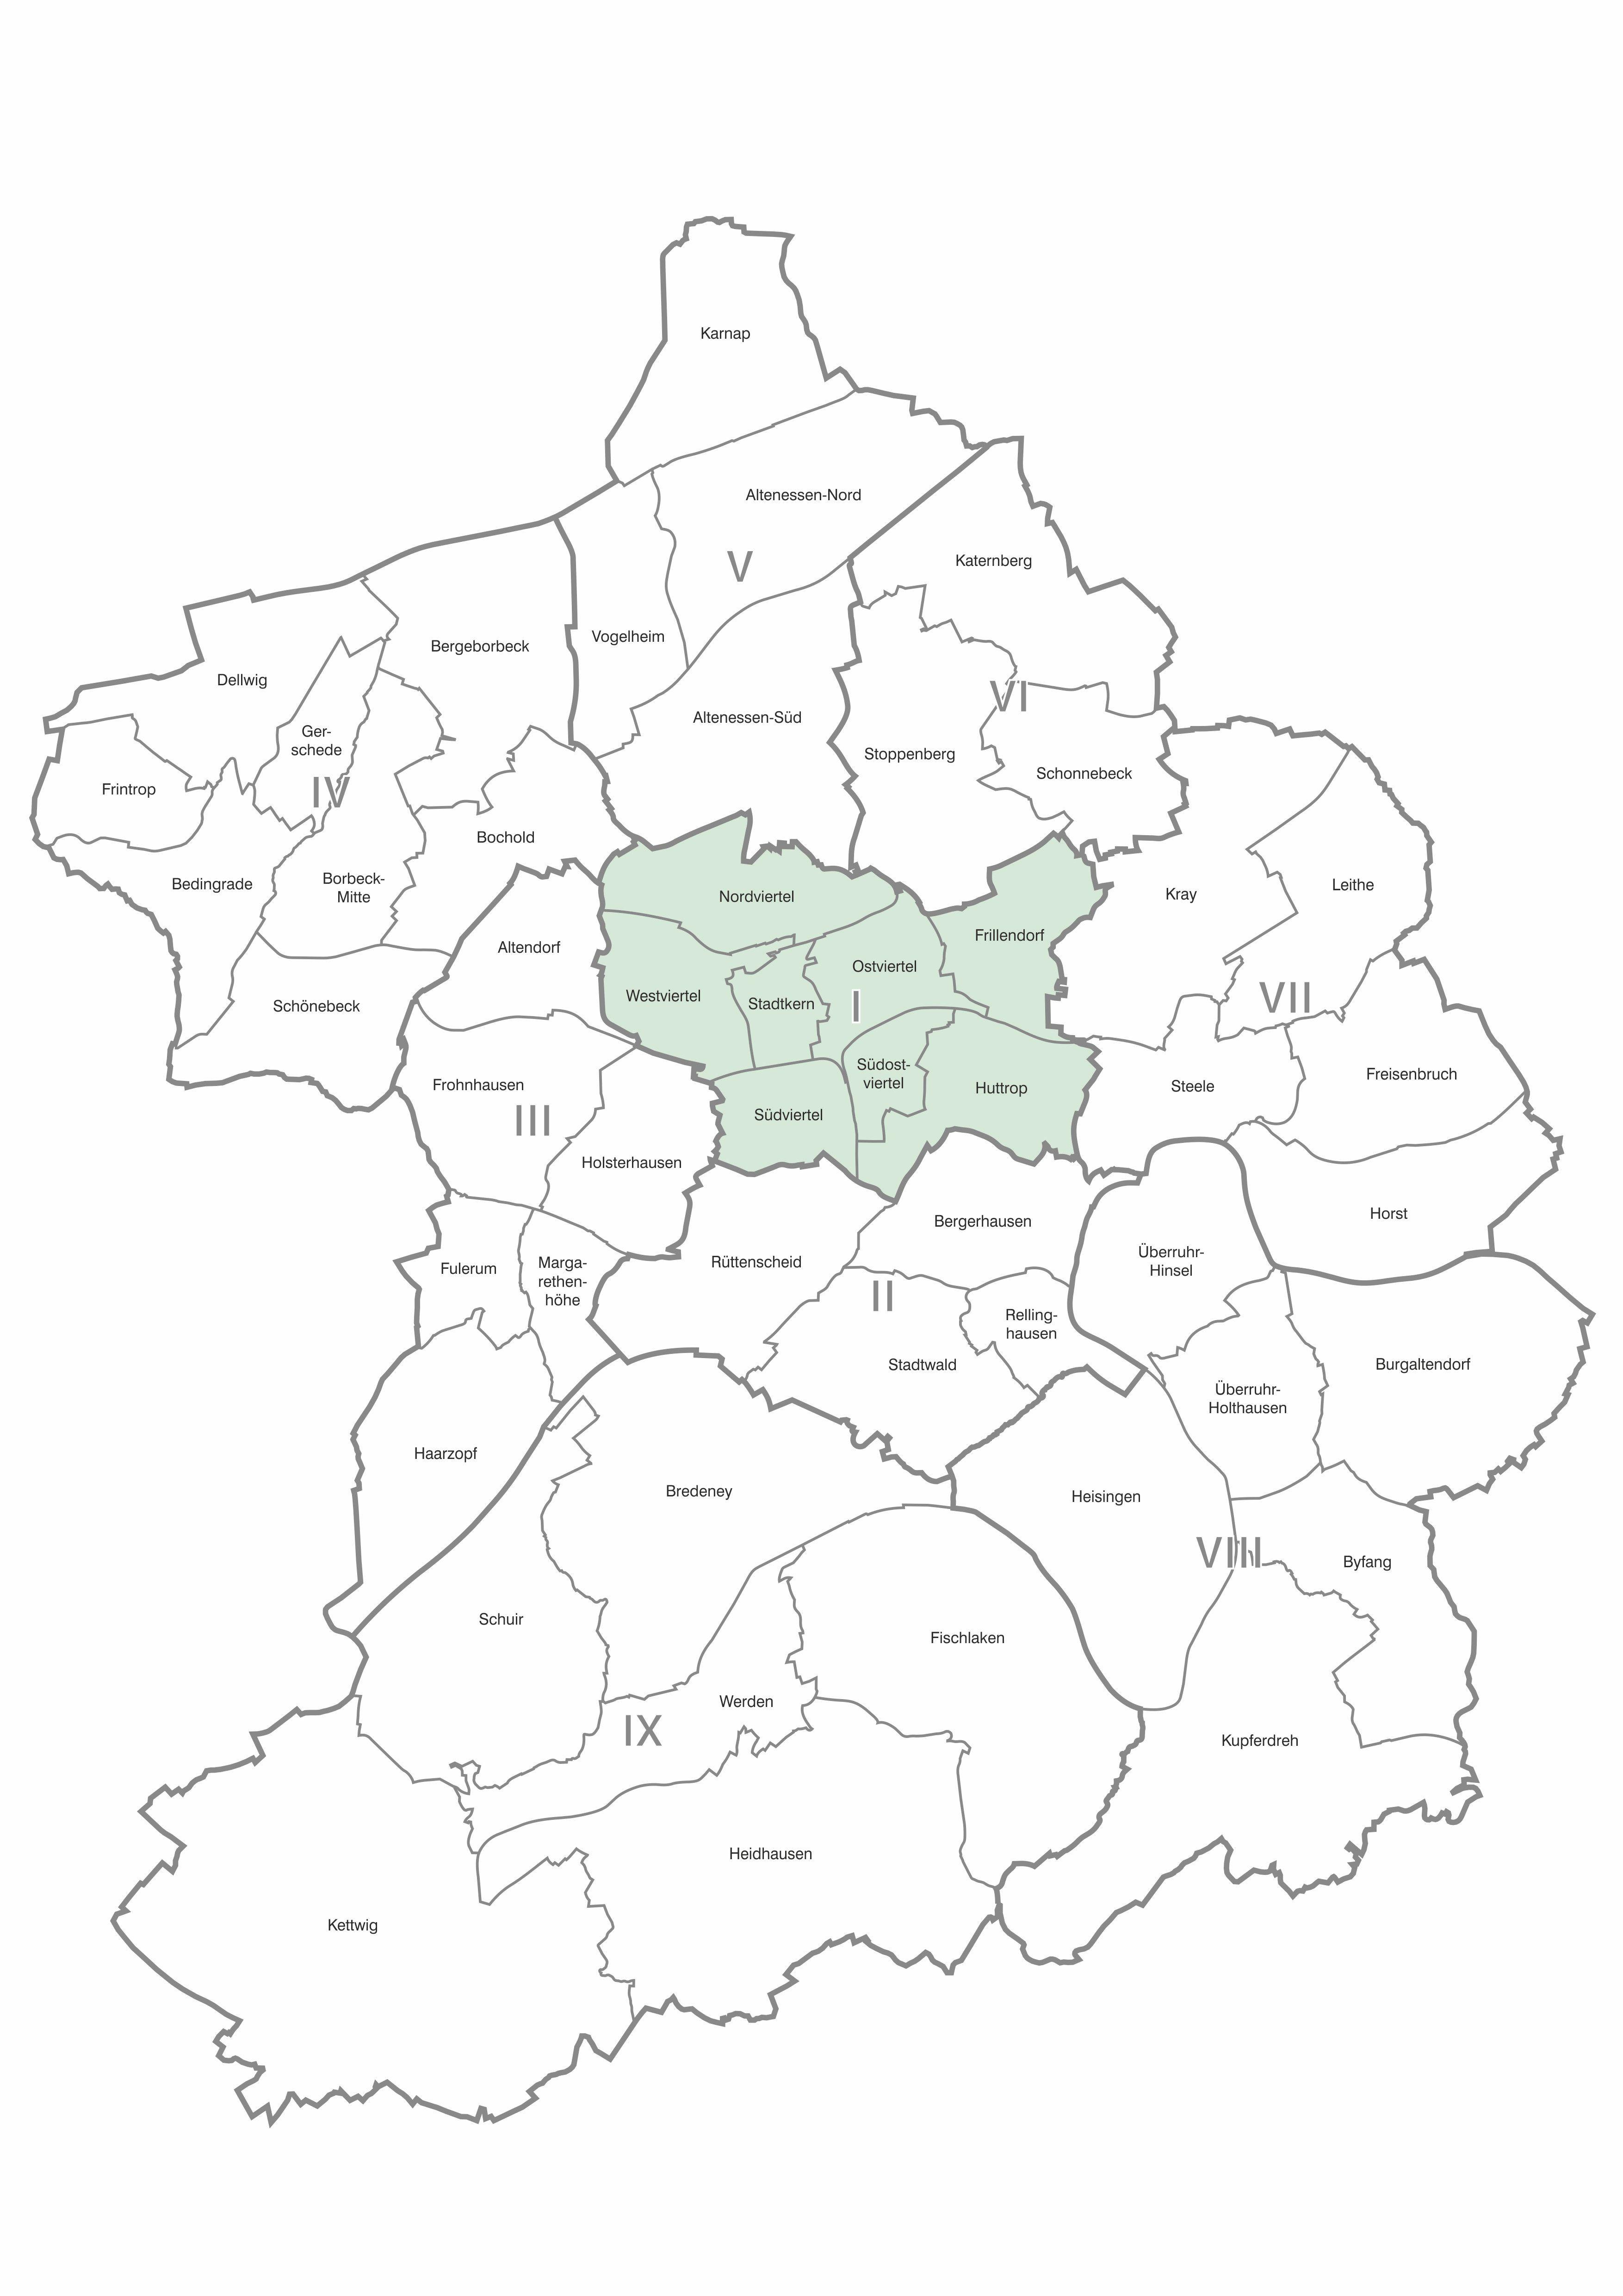 Karte der Stadtteile und Bezirke Essen, Bezirk 1